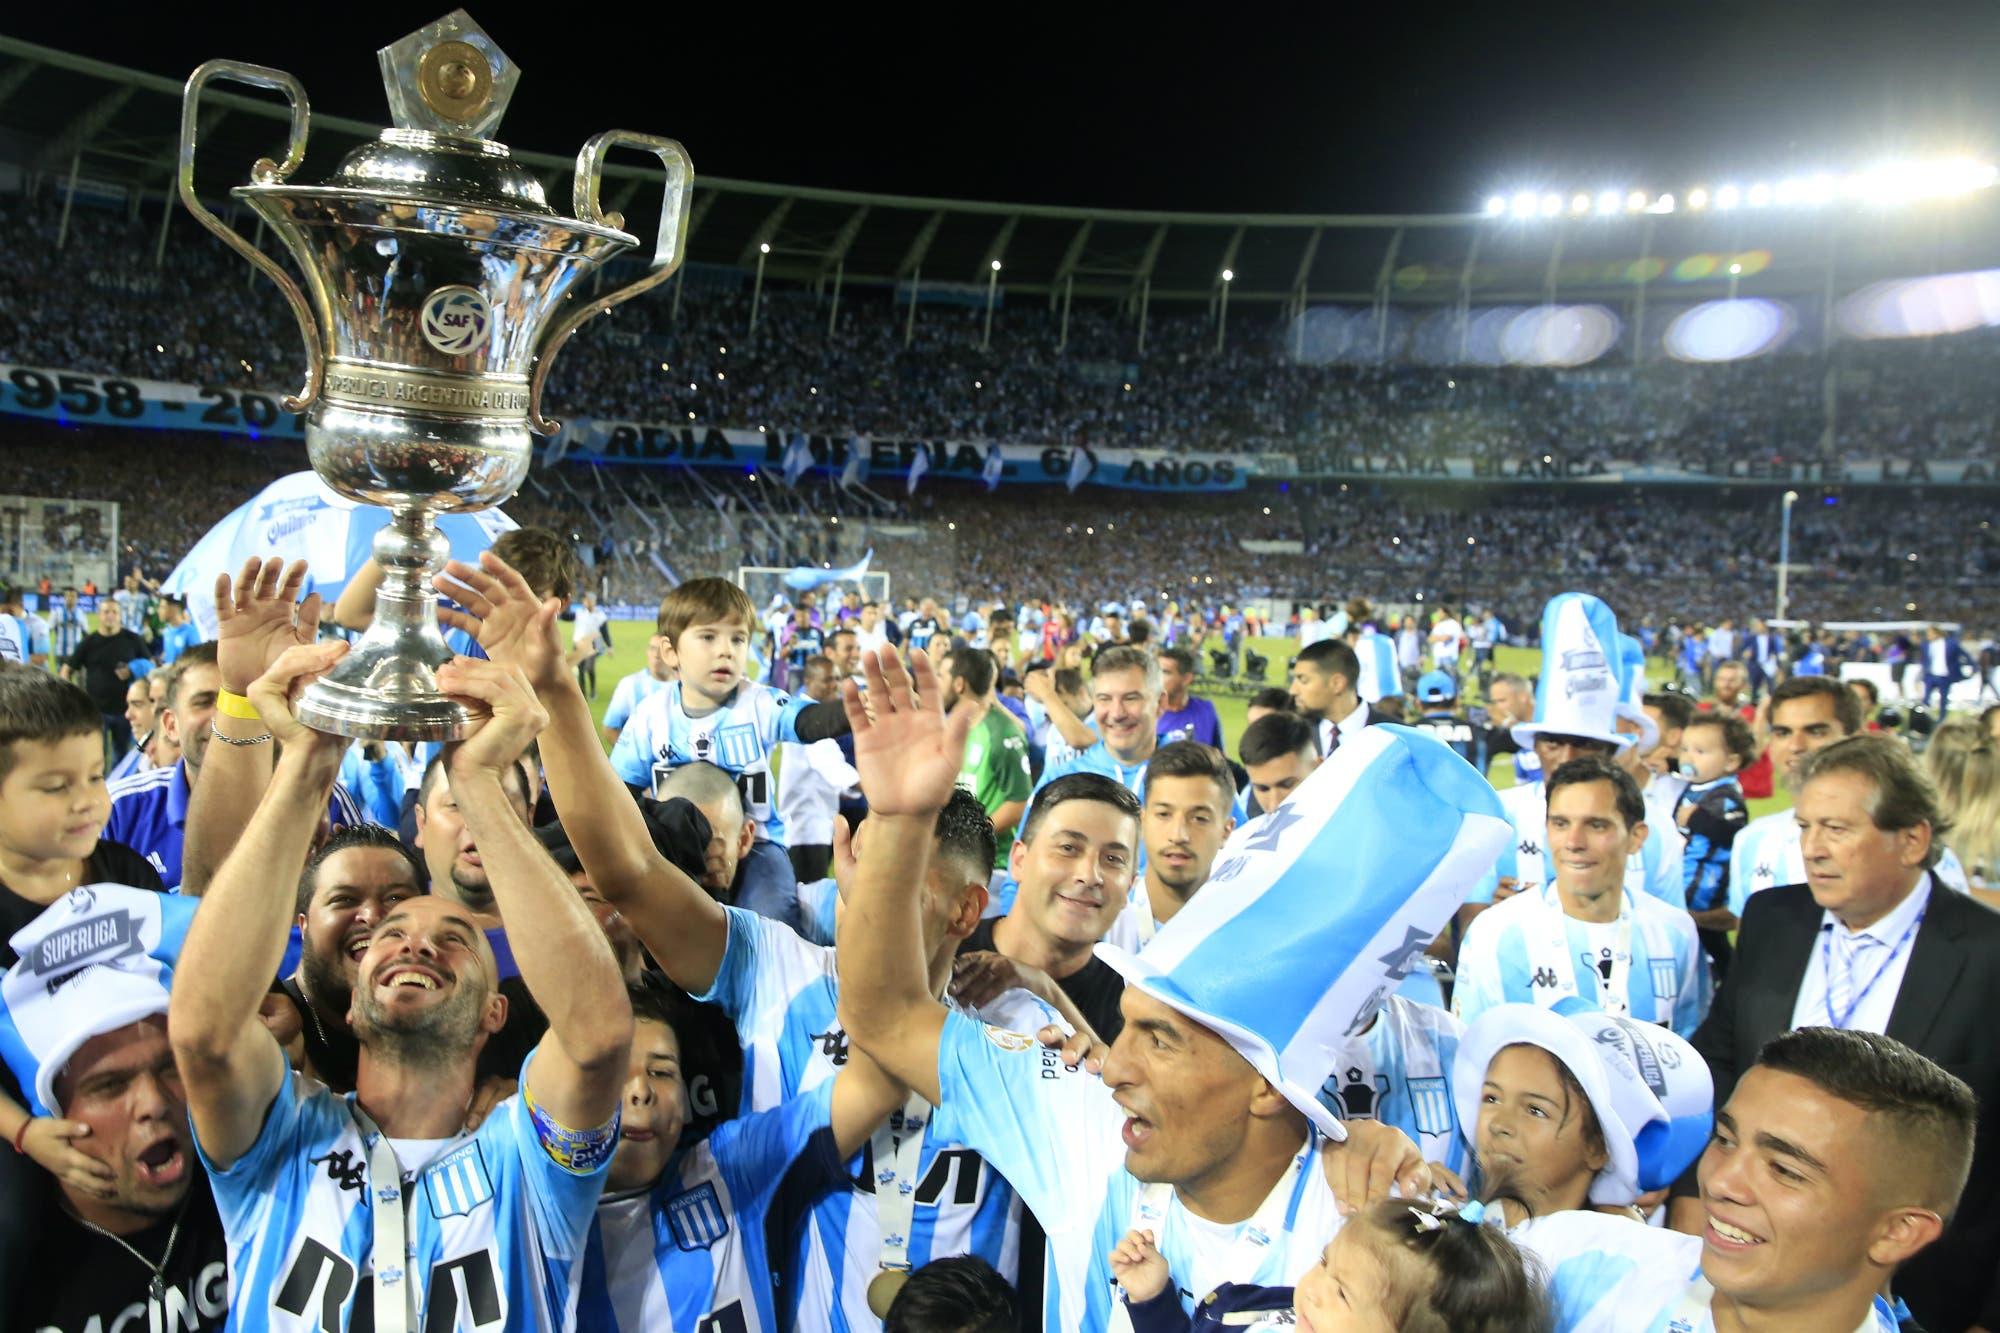 """""""Volvamos a la AFA"""": se recalienta la interna en la Superliga por el ida y vuelta en la quita de puntos a los clubes"""